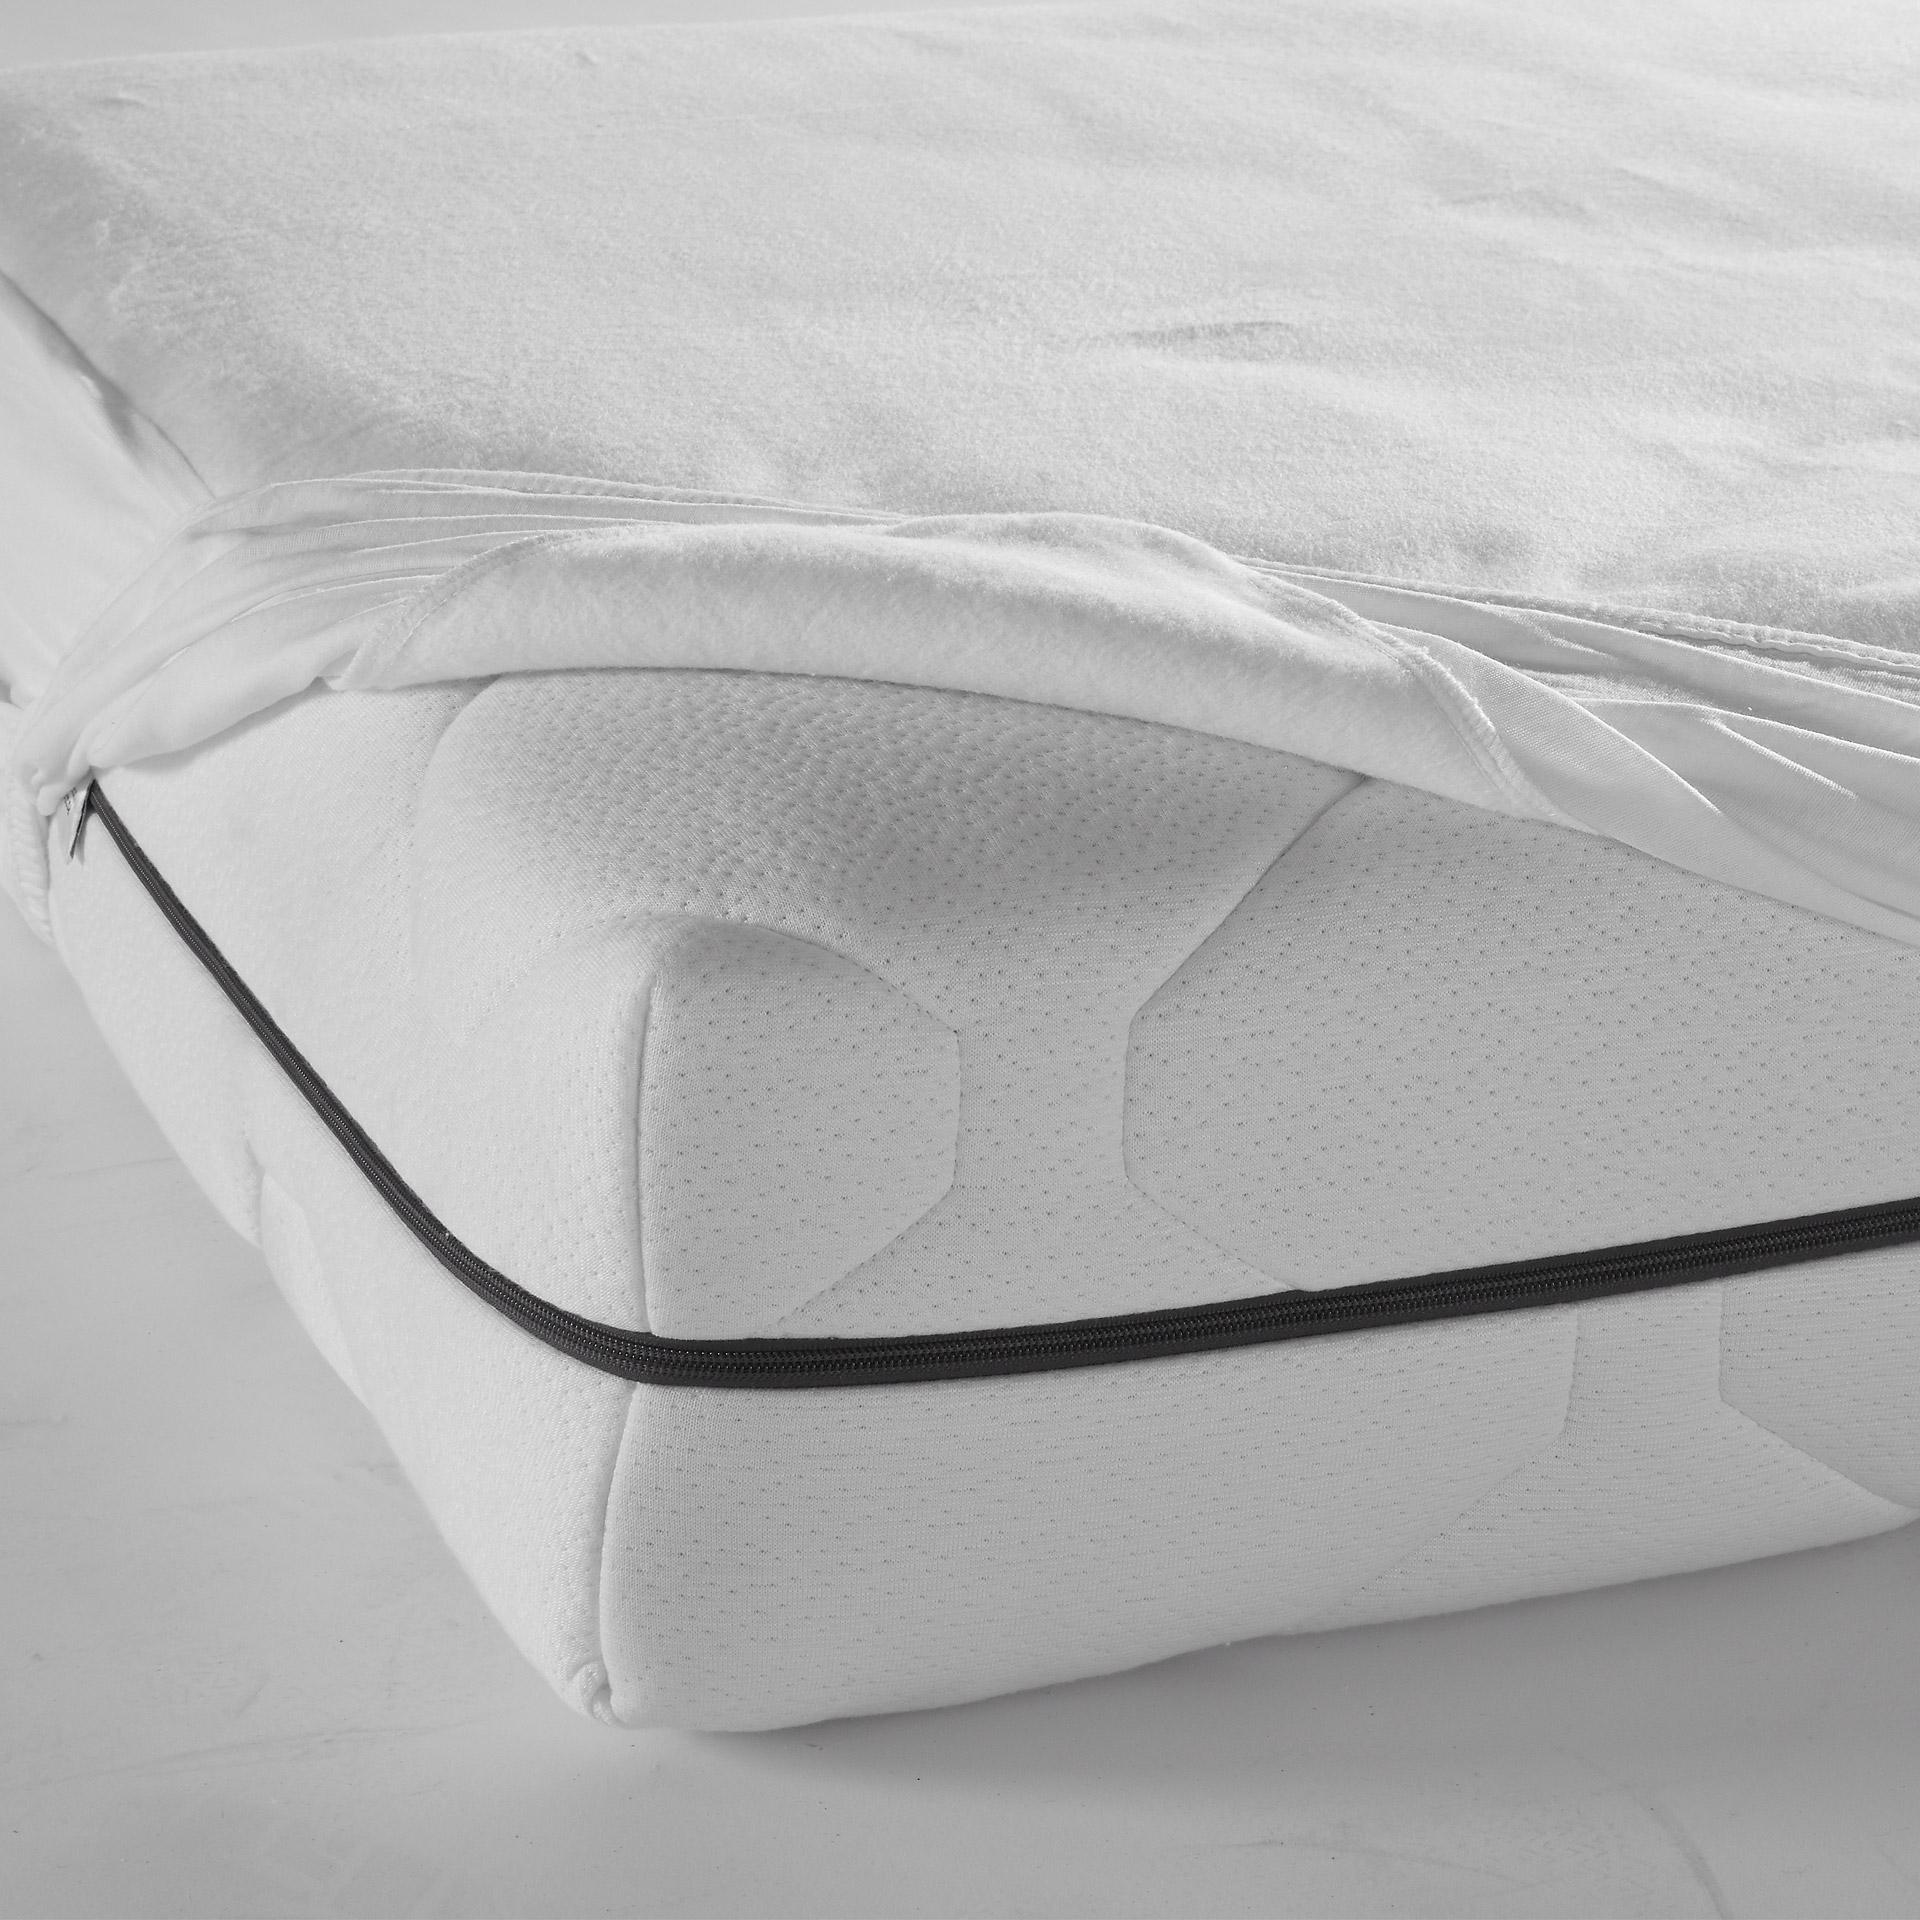 Molton-Matratzenauflage mit Rundum-Gummizug (100x200, kochfest)